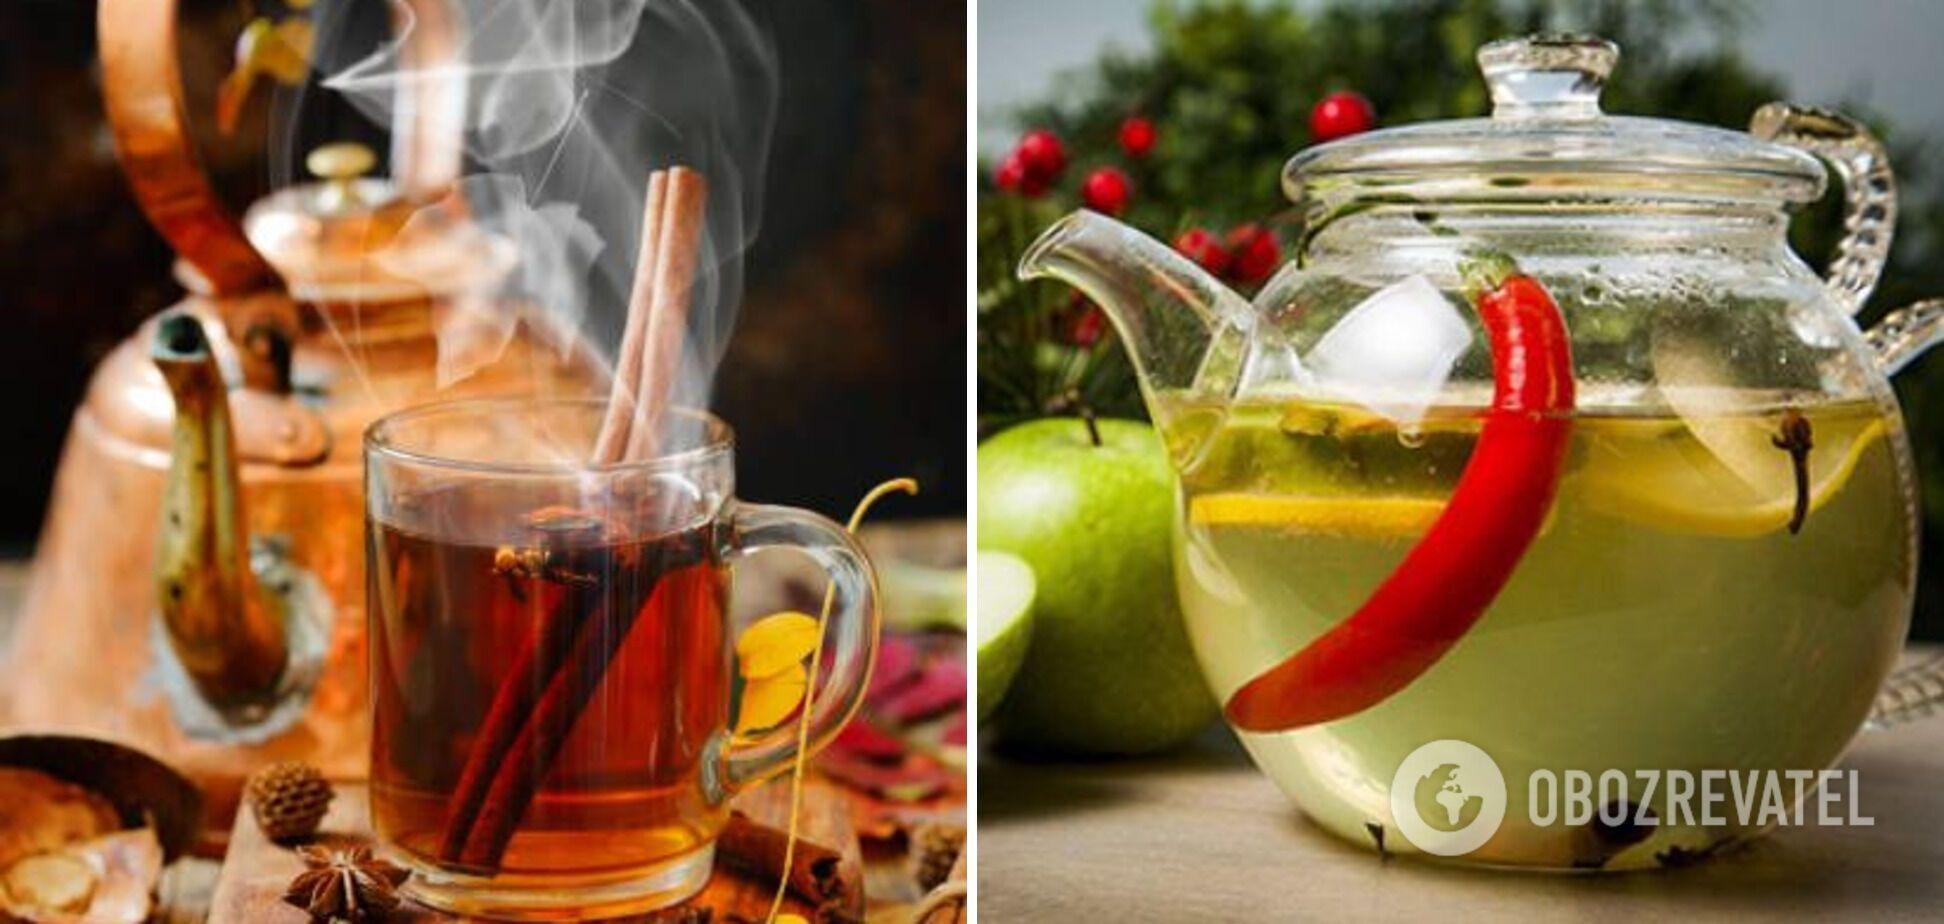 Напої, які допоможуть зігрітись у прохолодну погоду та зміцнити імунітет